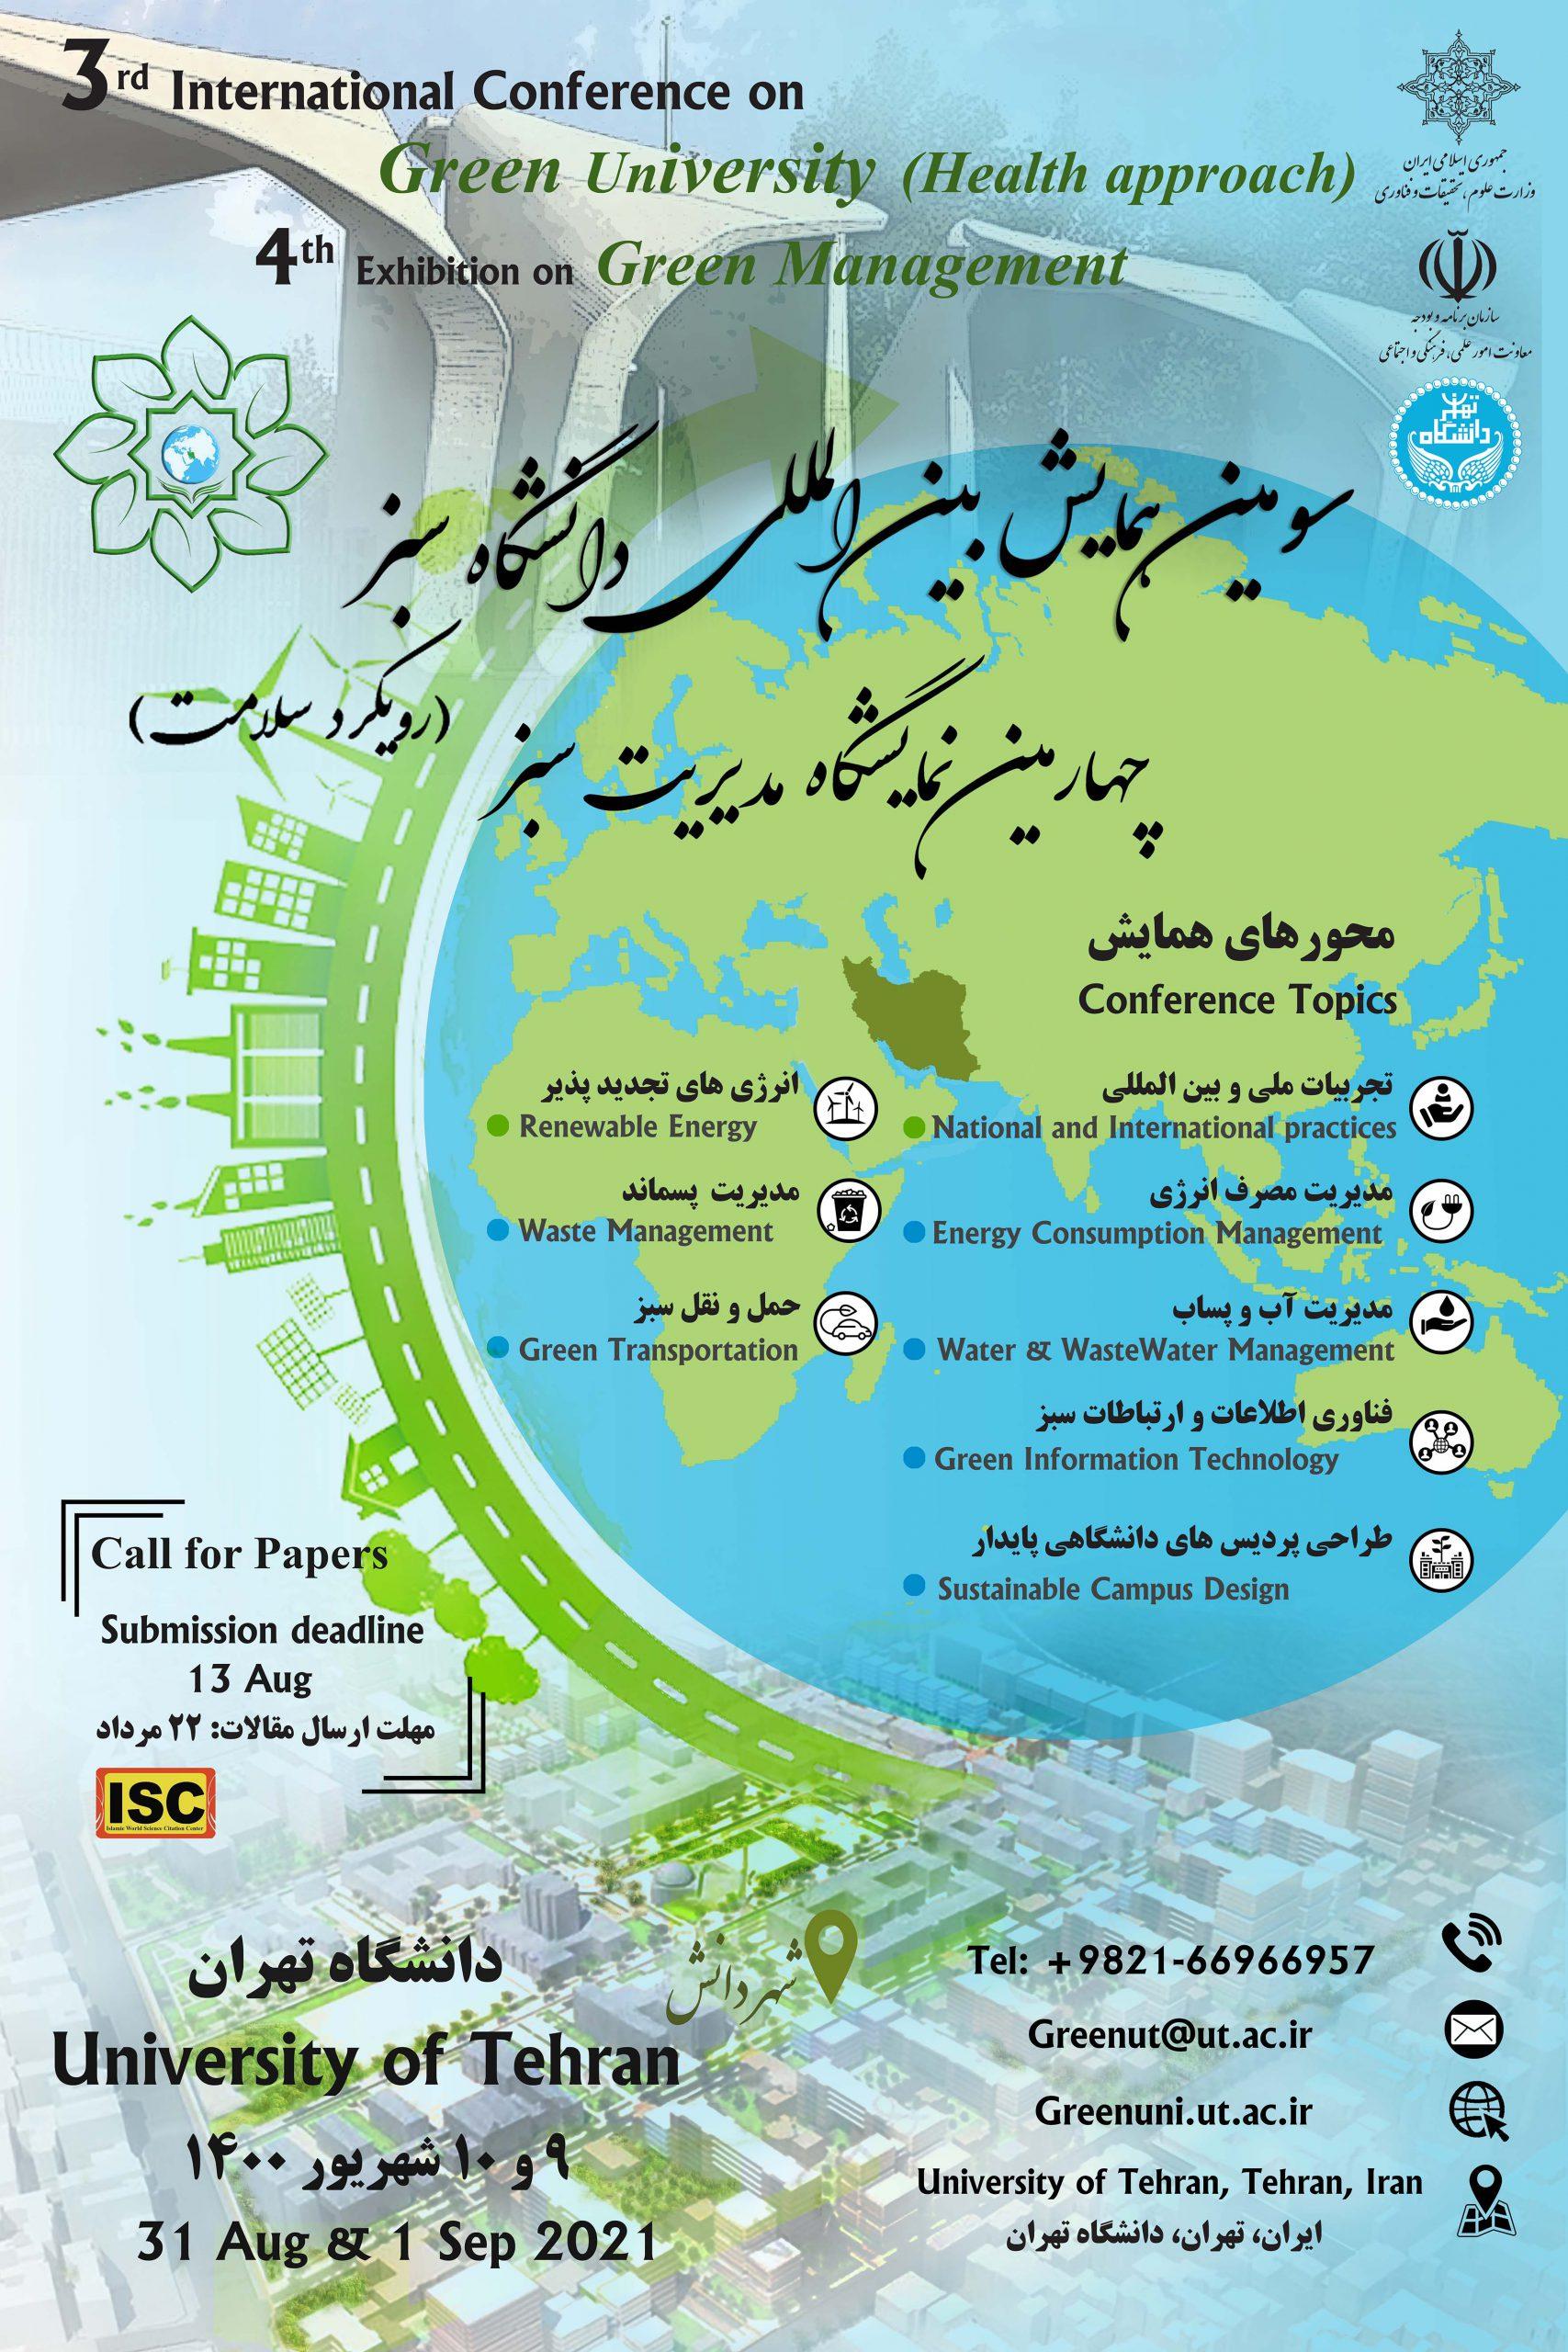 سومین همایش بین المللی دانشگاه سبز